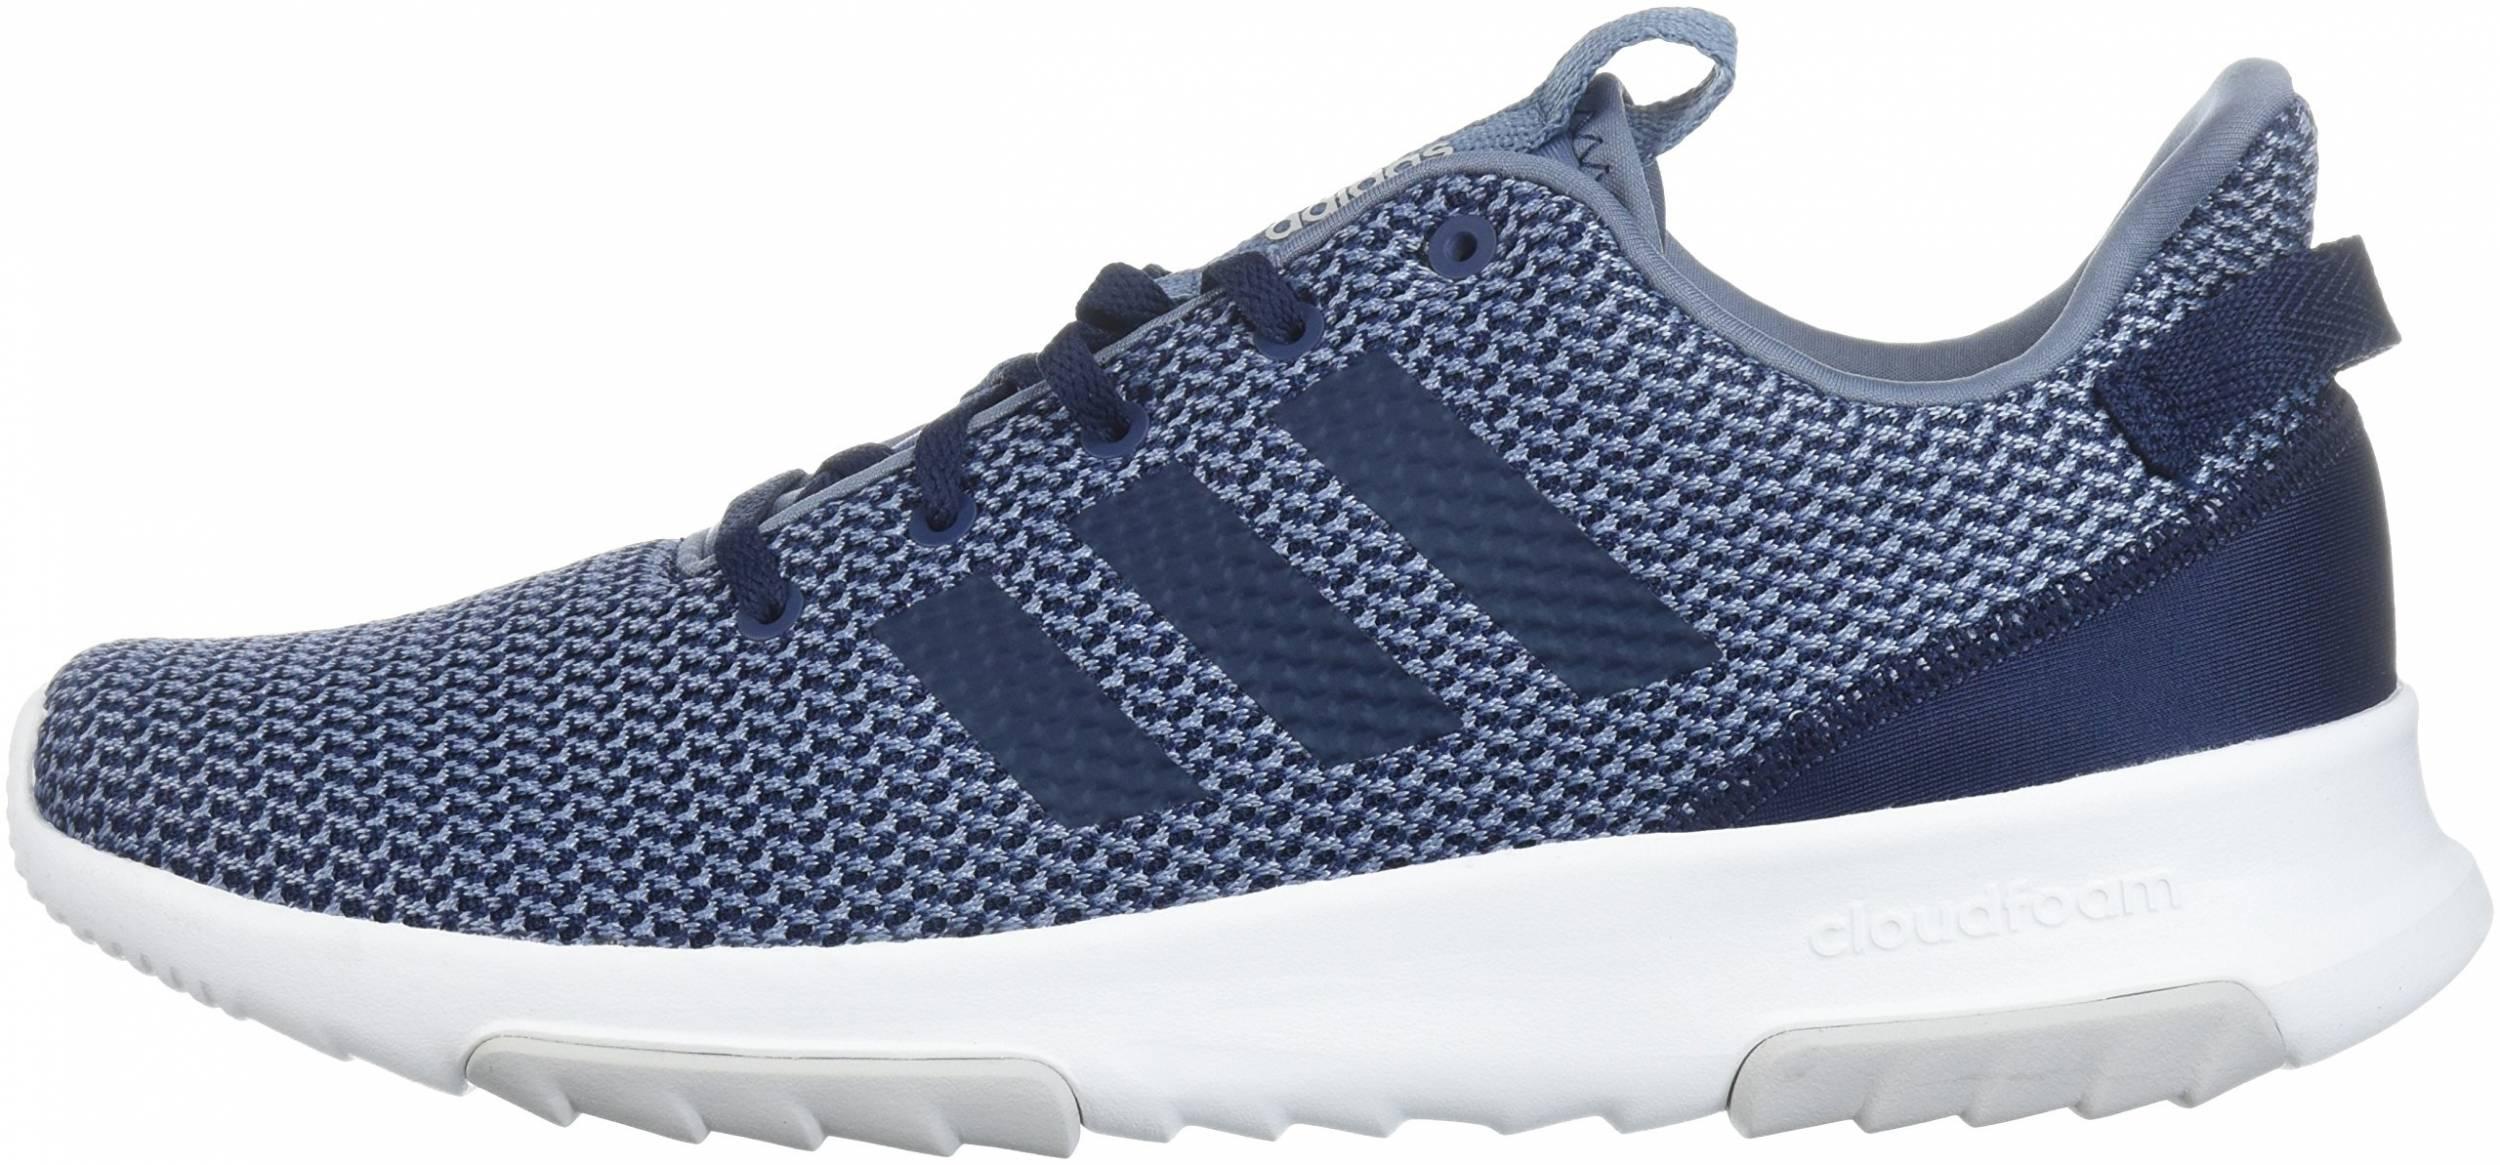 Bienes diversos comercio Servicio  Adidas Cloudfoam Racer TR sneakers in 10 colors (only $50) | RunRepeat